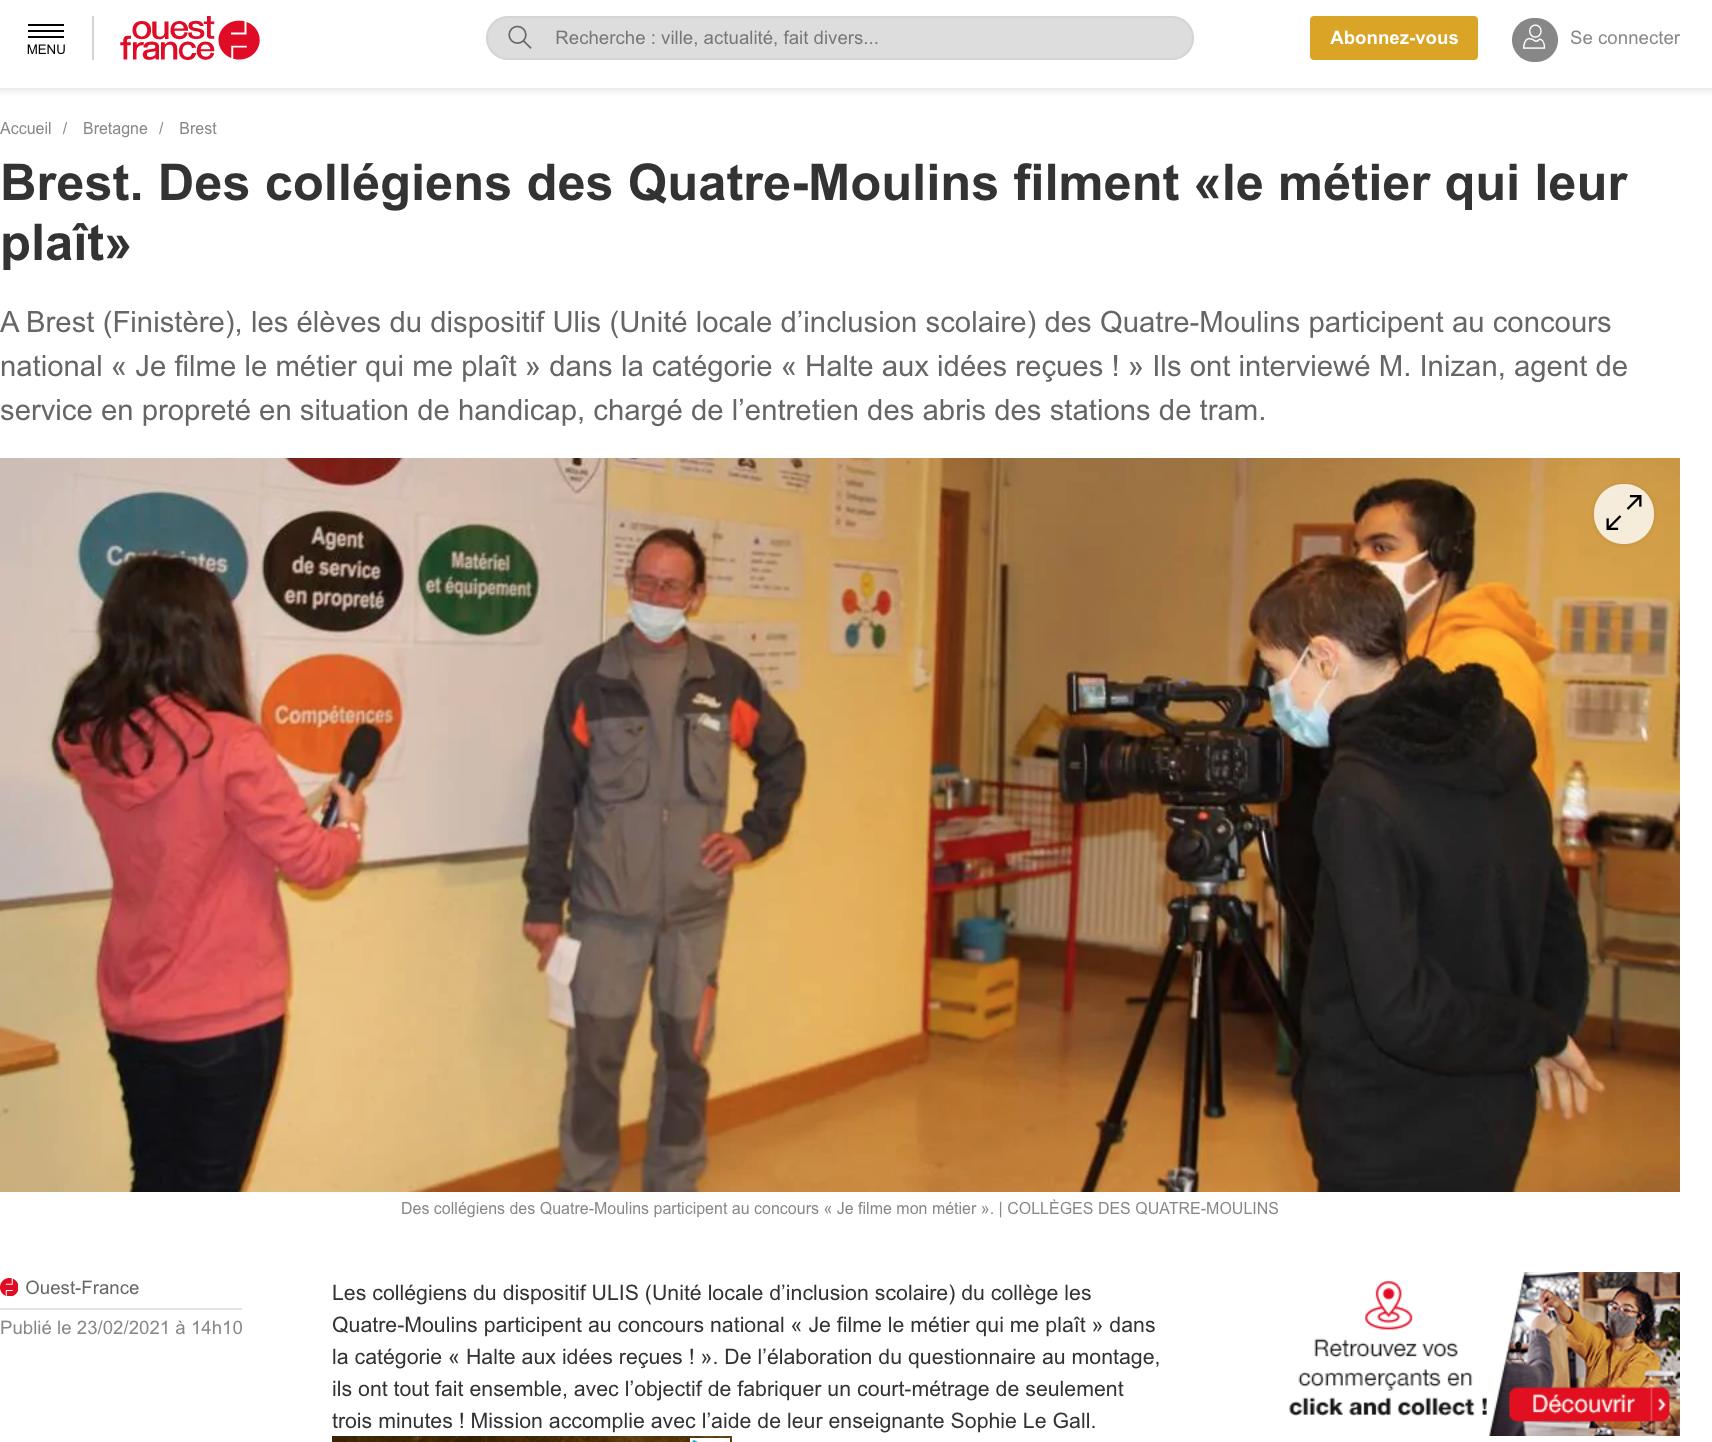 Brest. Des collégiens des Quatre-Moulins filment «le métier qui leur plaît»